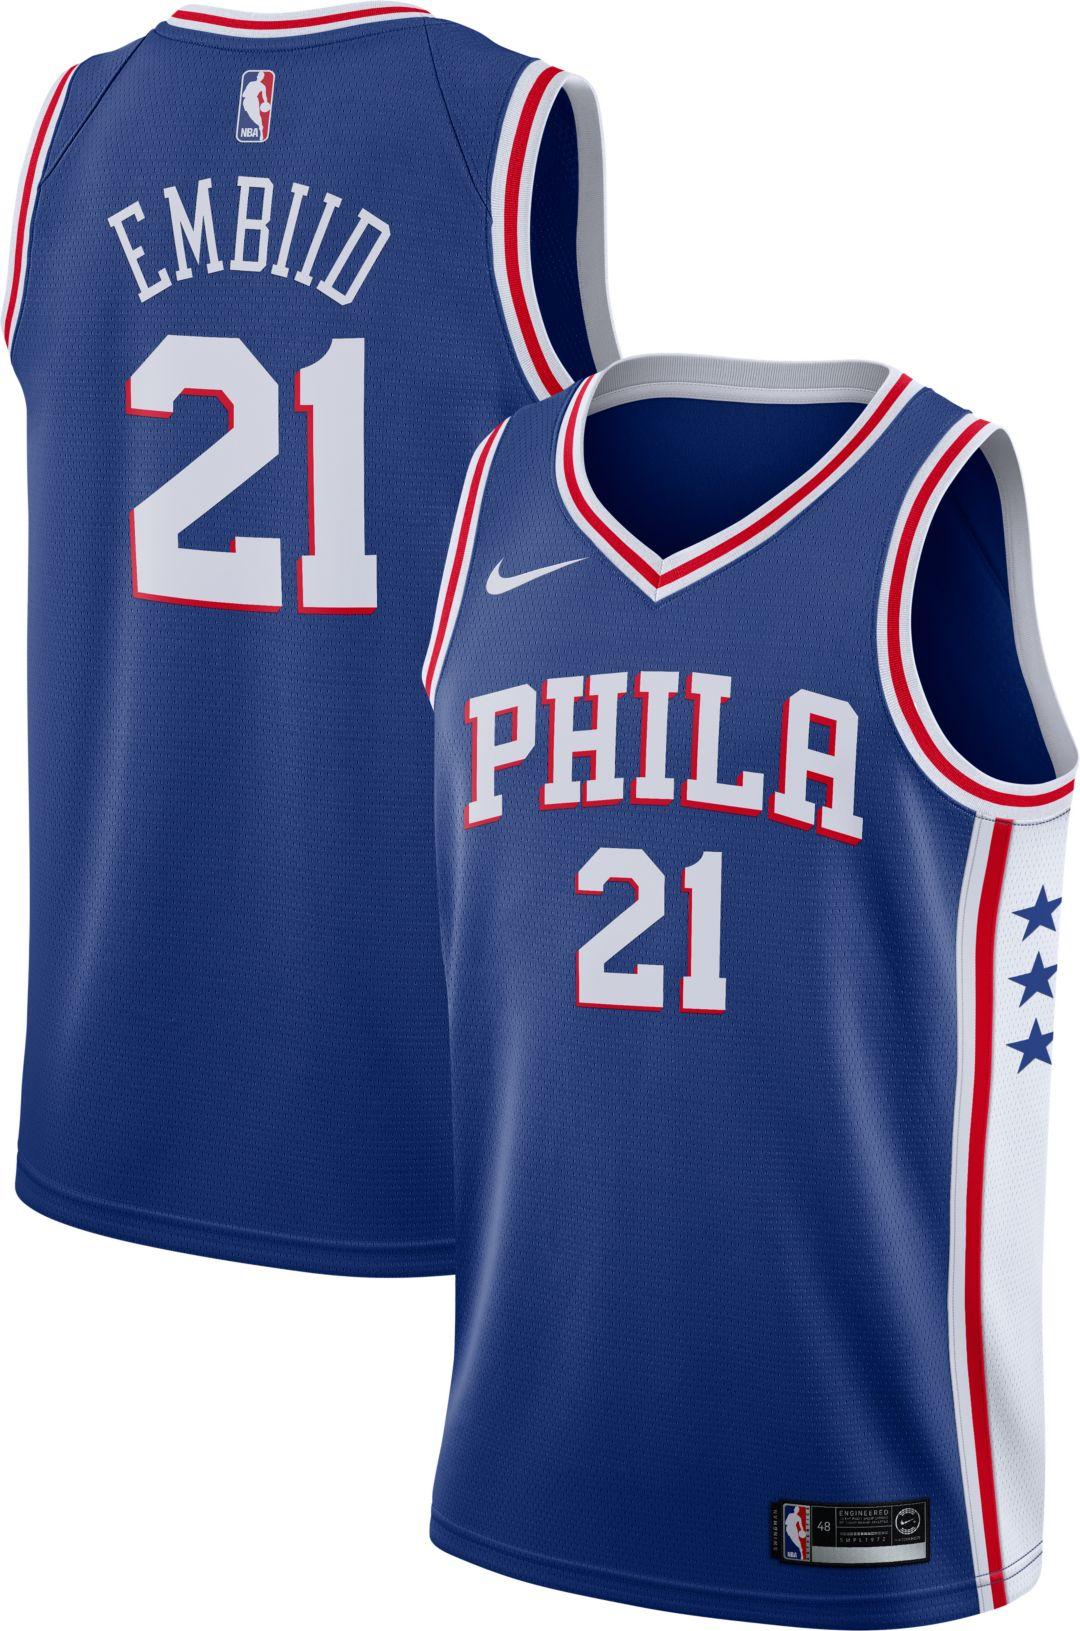 meet c952a 8c72c Nike Men's Philadelphia 76ers Joel Embiid #21 Royal Dri-FIT Swingman Jersey